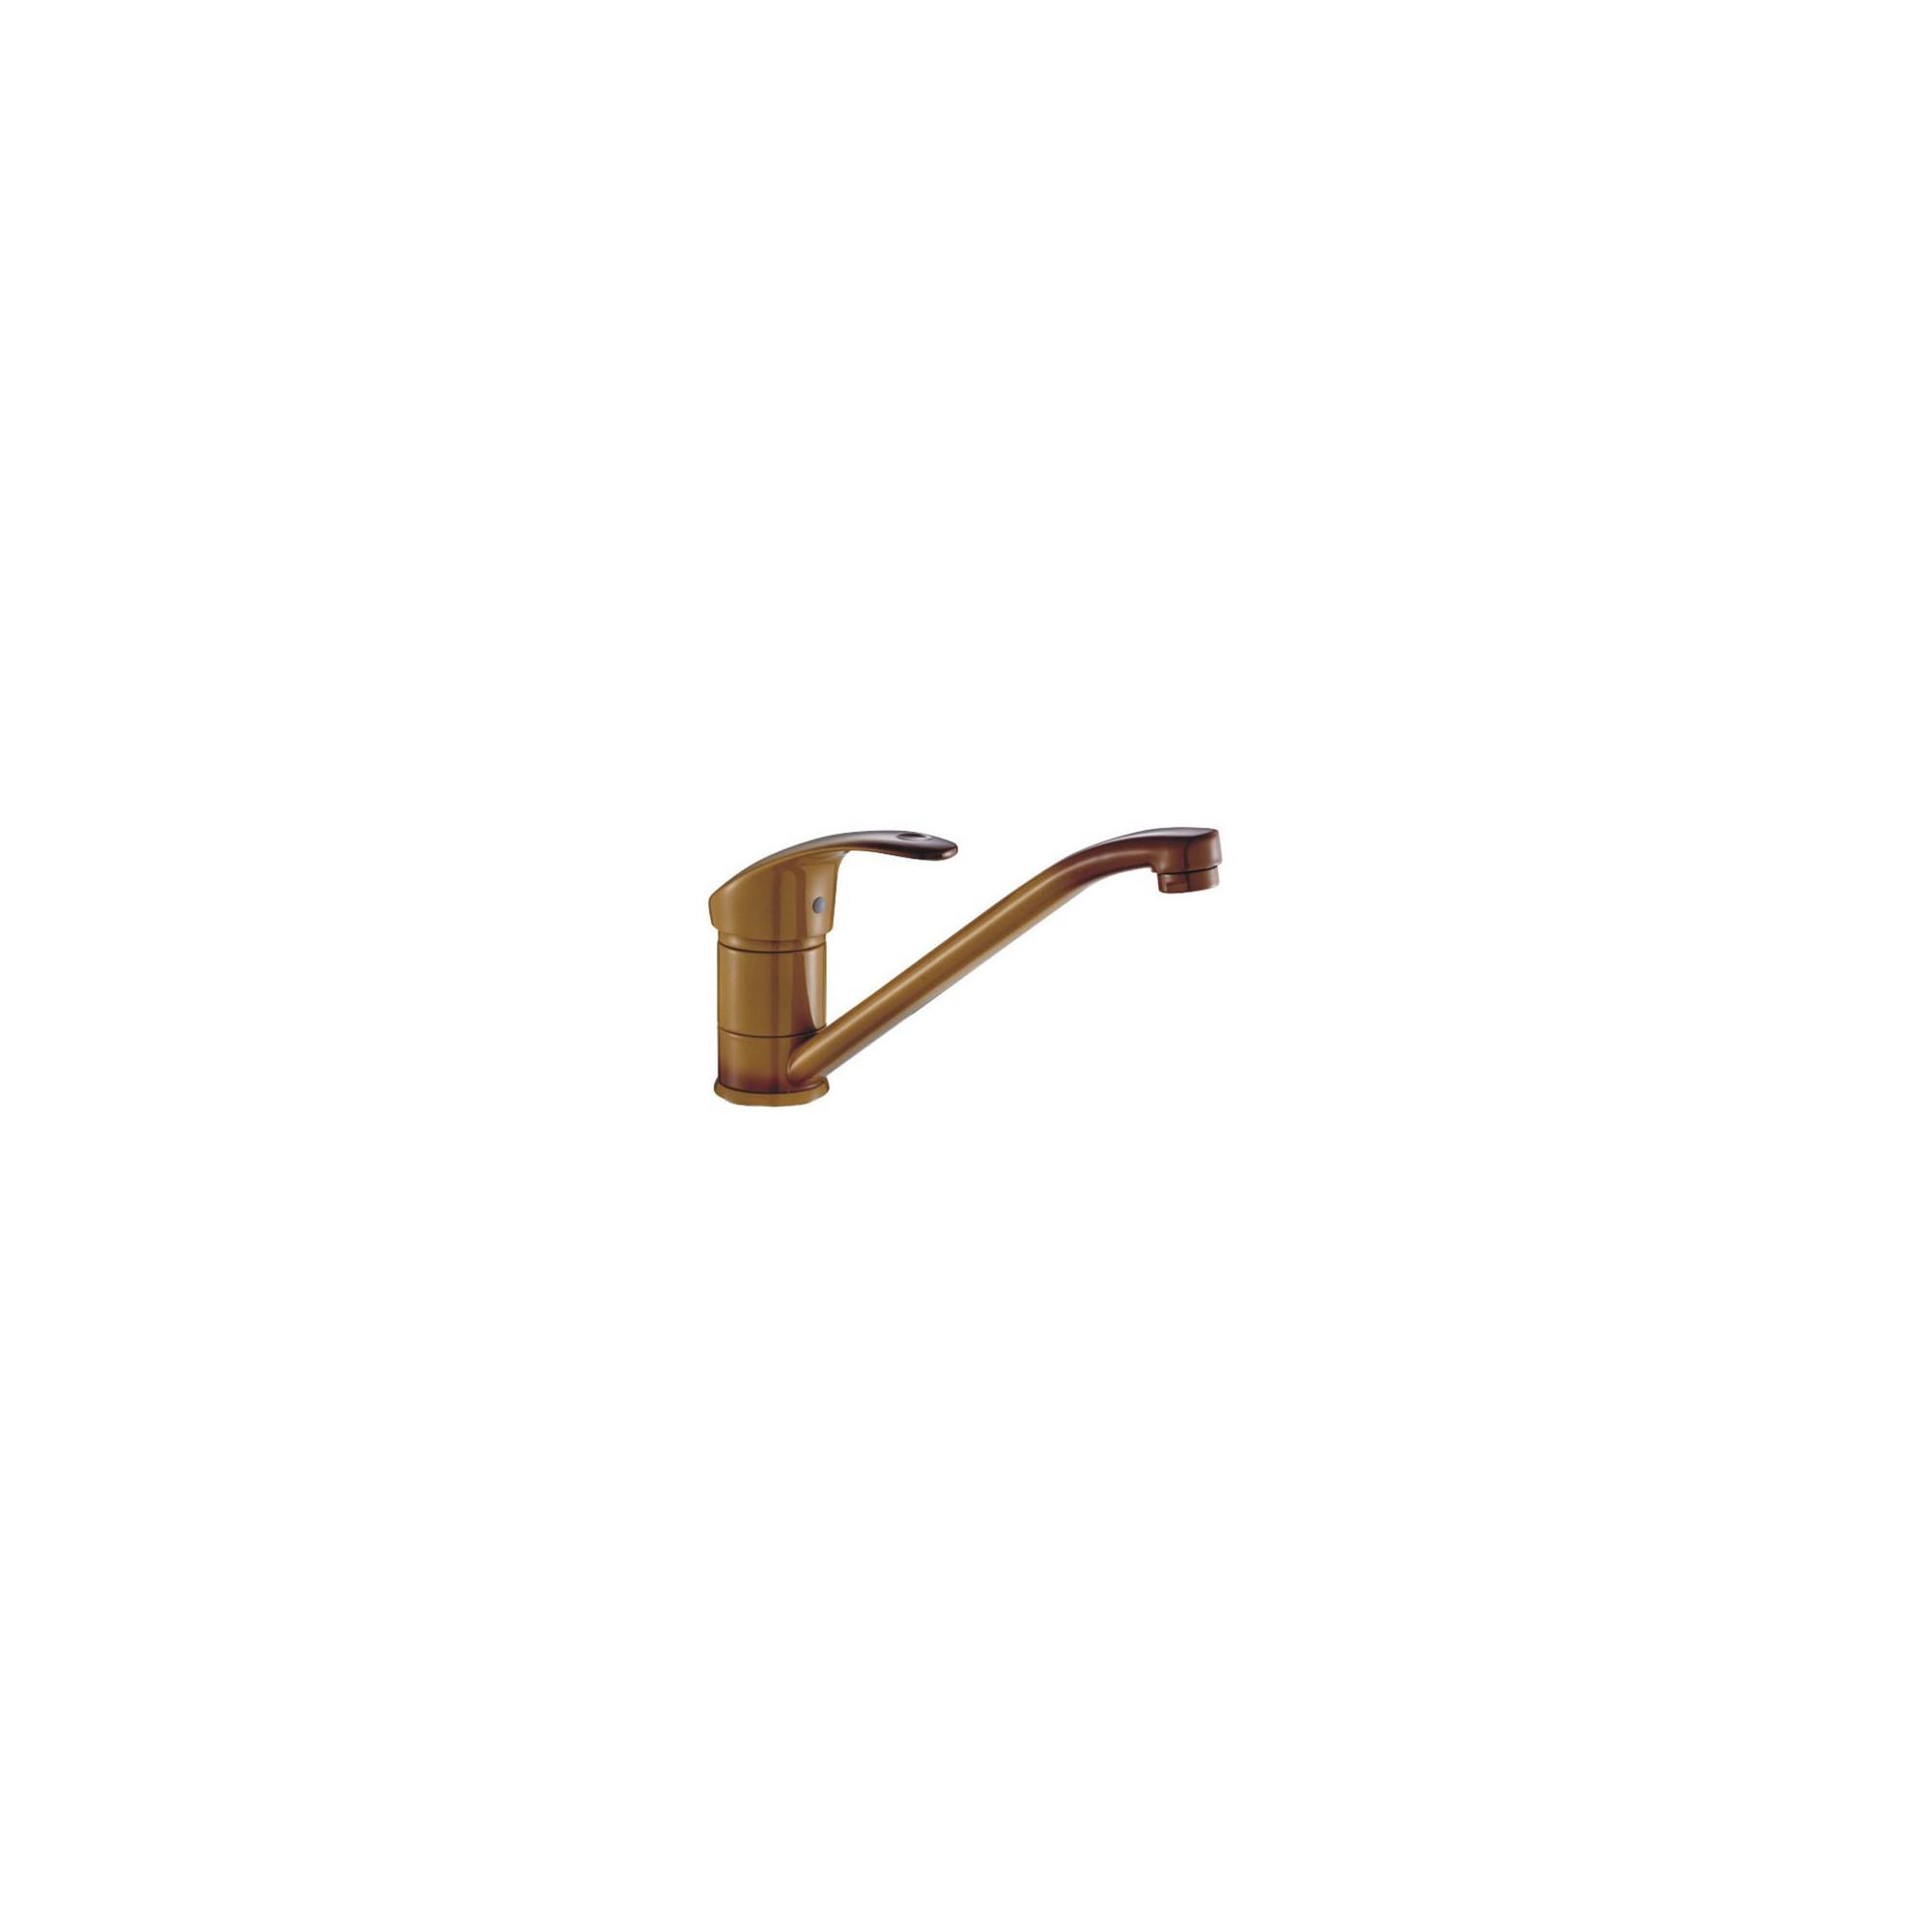 Смеситель для кухни Haiba MARS 004 коричневый (HB0244) Haiba - 1